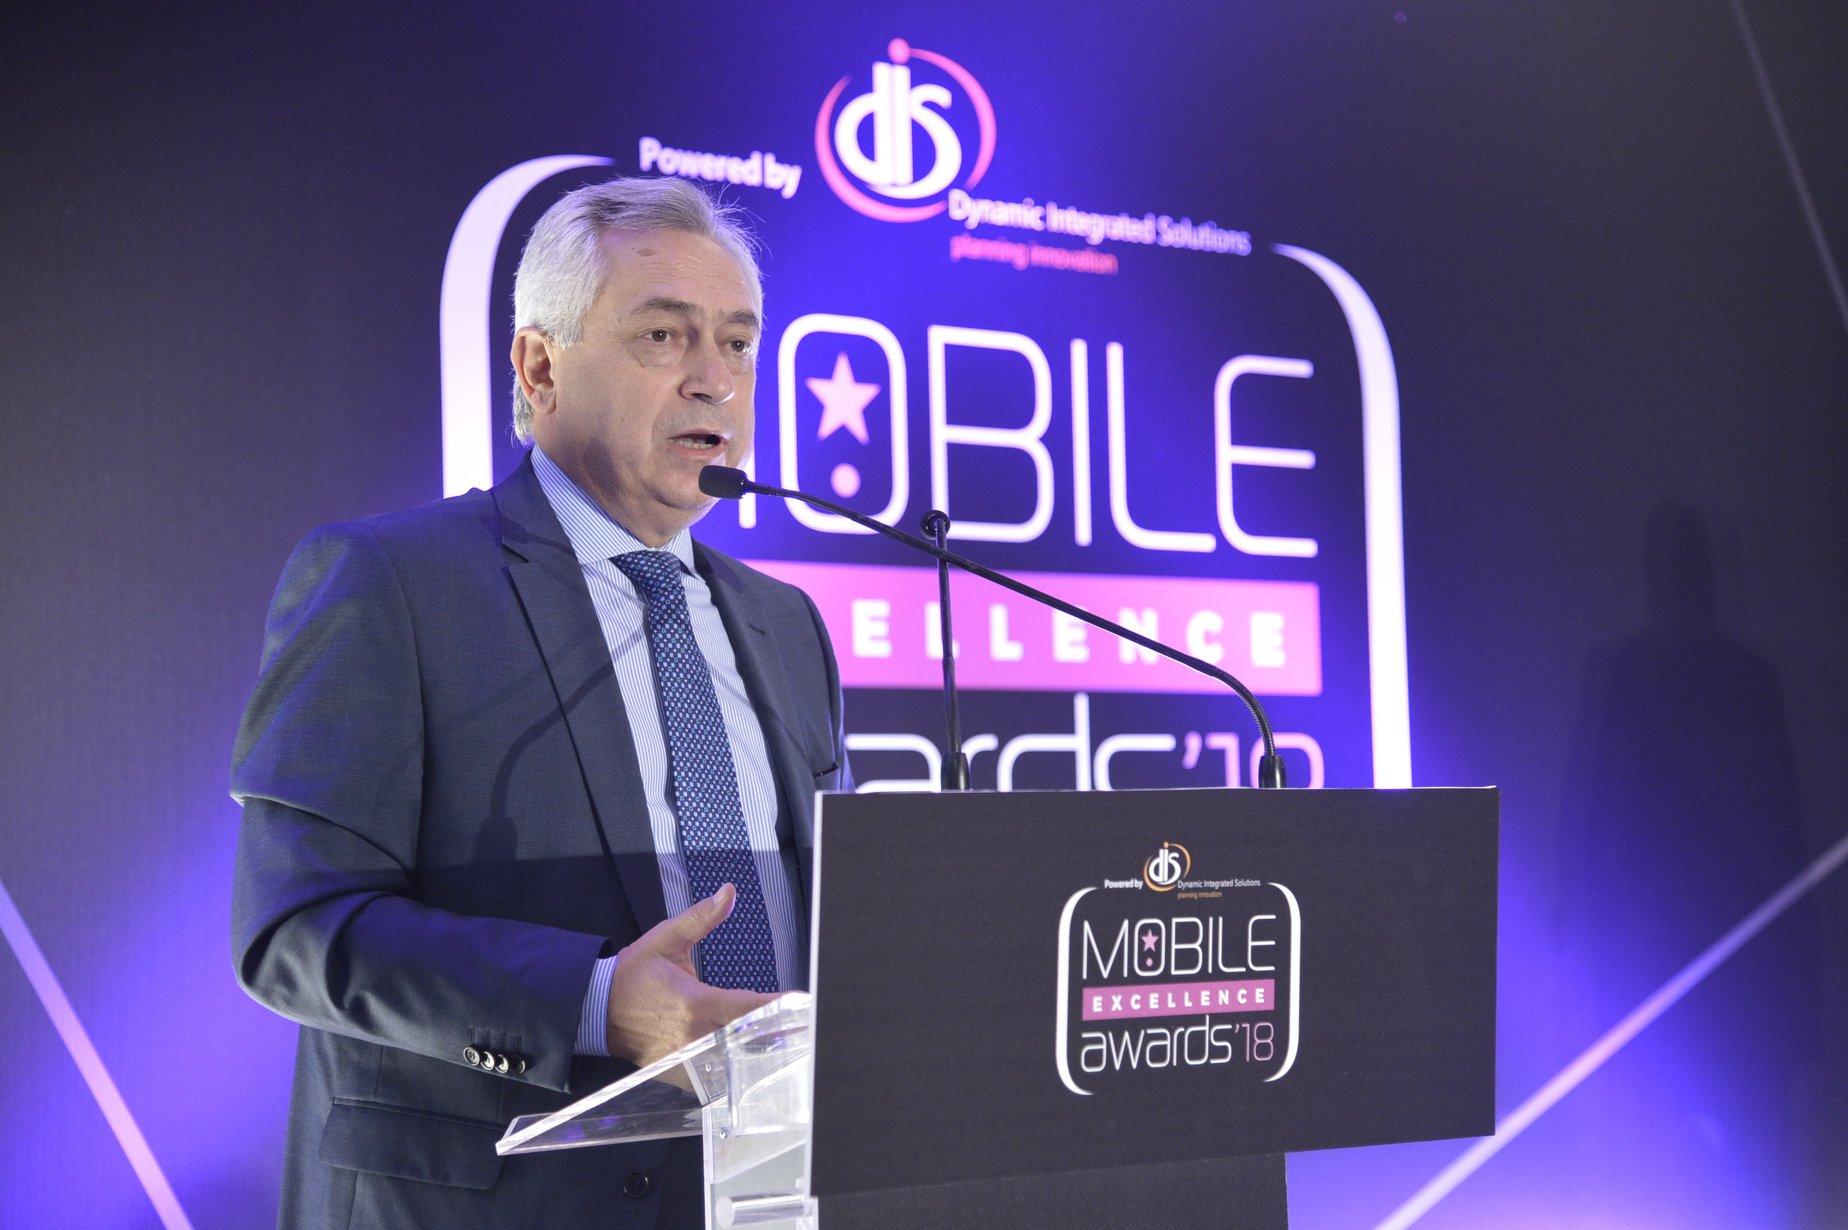 Καθηγητής Γ. Δουκίδης, Πρόεδρος της Κριτικής Επιτροπής